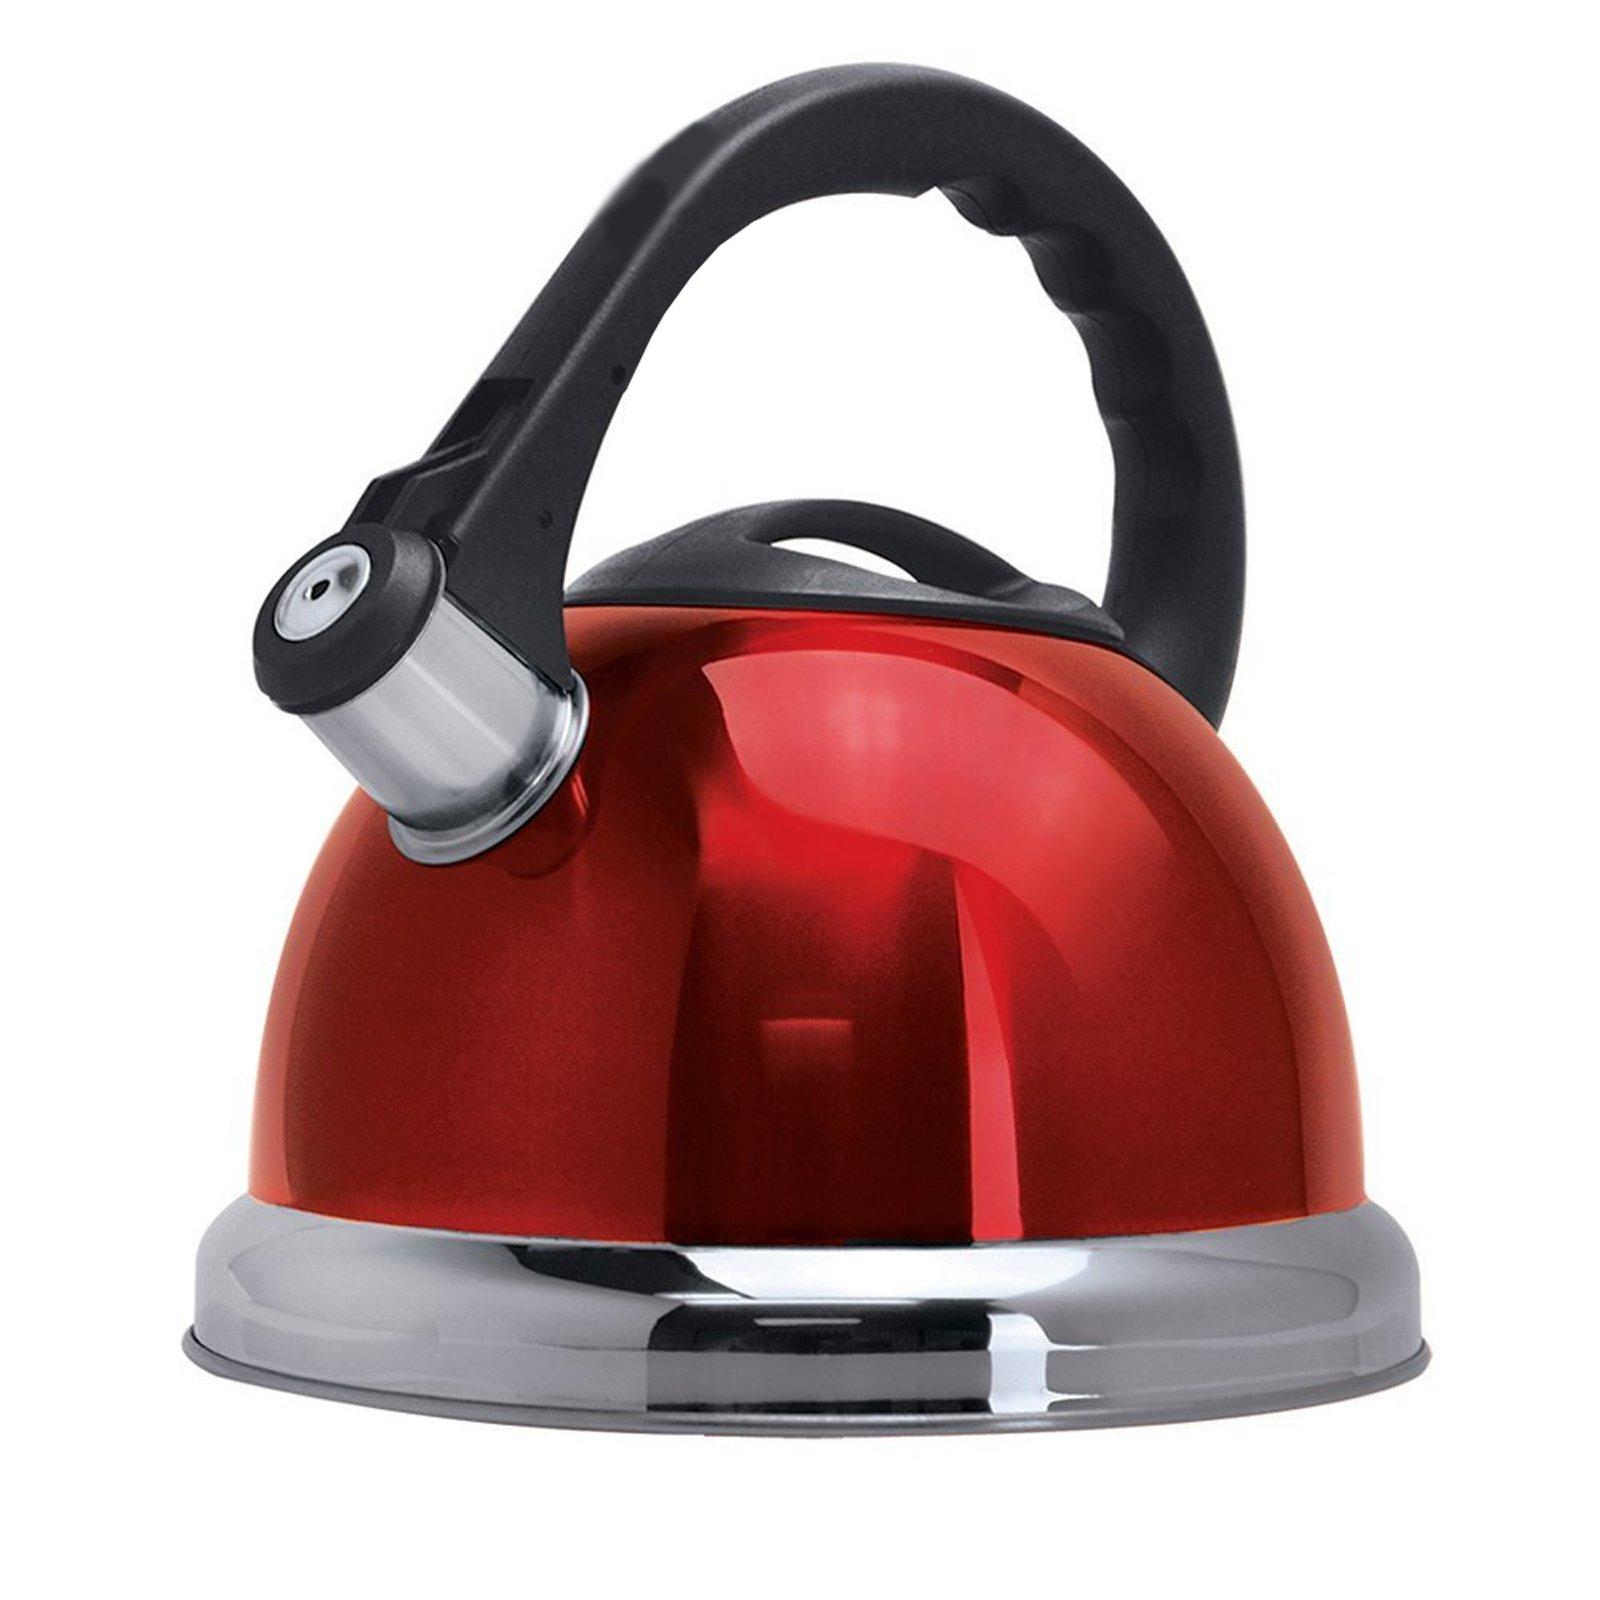 Better Chef 3-Liter Whistling Tea Kettle WTK-101 Red